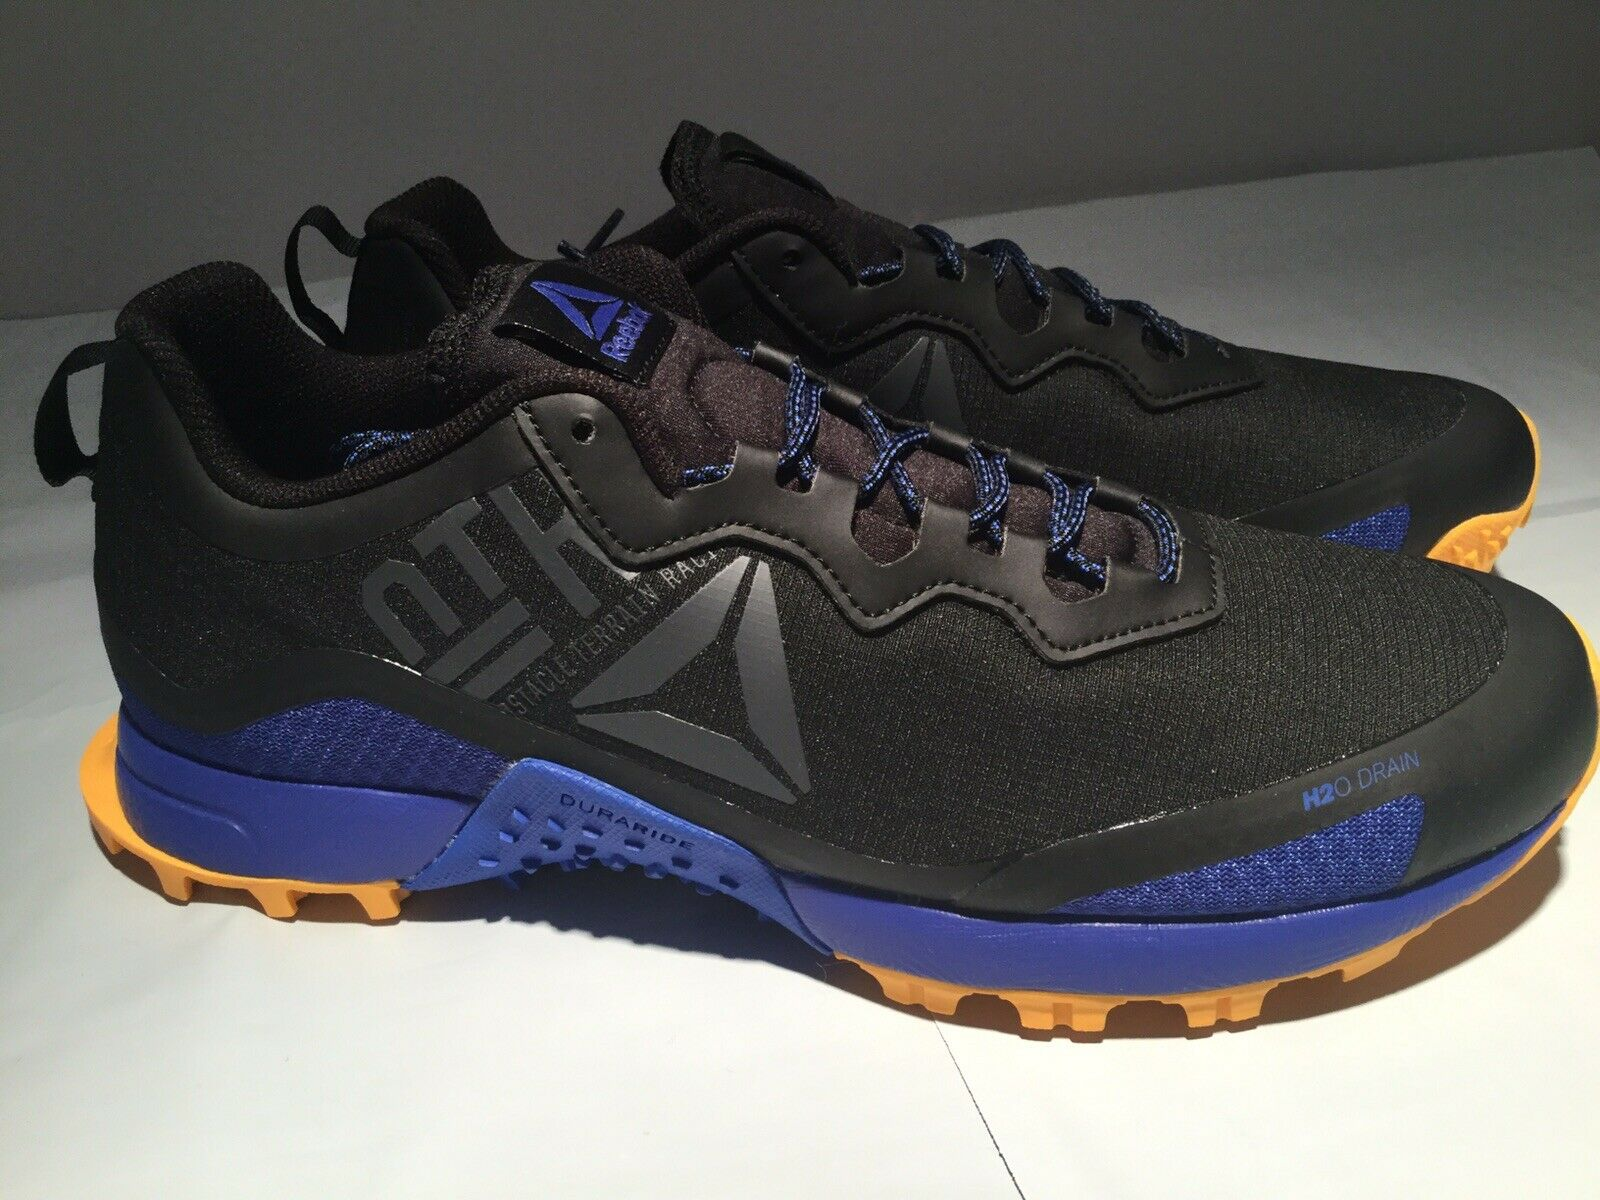 Reebok Terrain manía hombre CN6338 Trail All Zapatos Para Correr Negro Azul Amarillo 10.5M